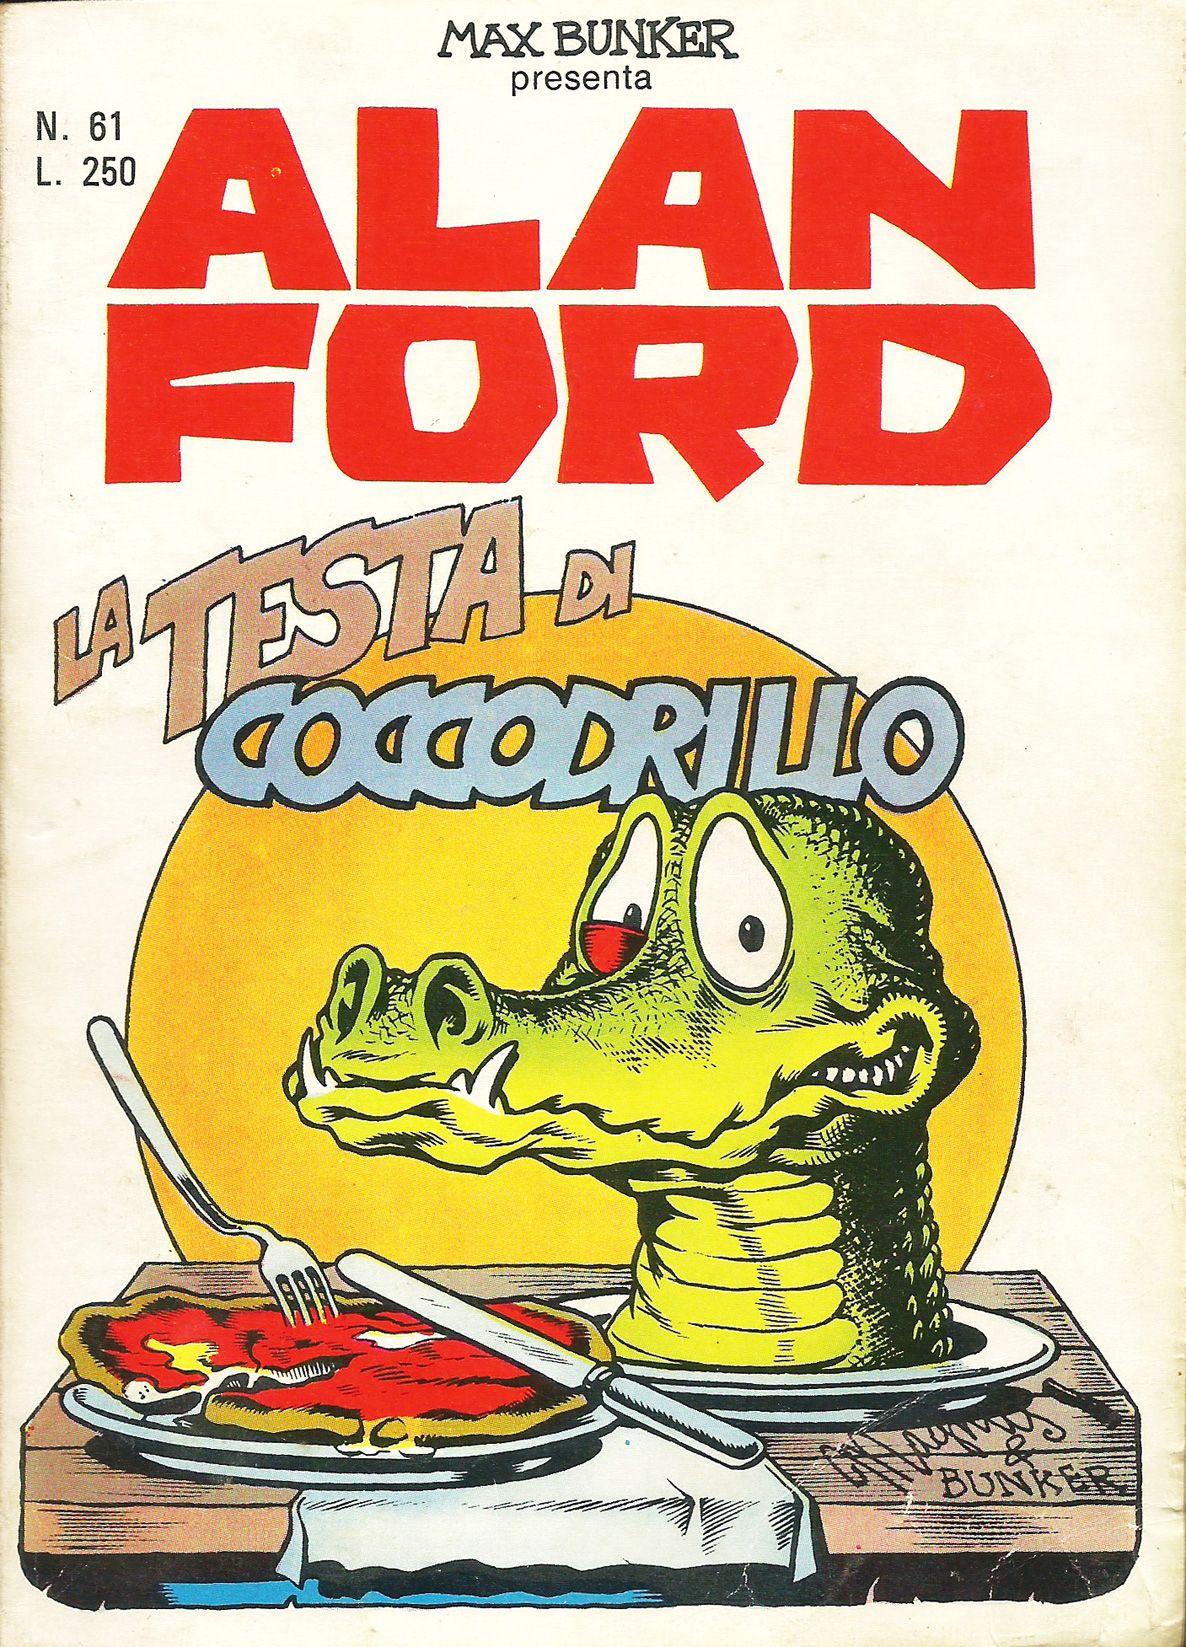 Alan ford gruppo t n t ubc enciclopedia online del fumetto - Alan Ford N 61 La Testa Di Coccodrillo Di Magnus Roberto